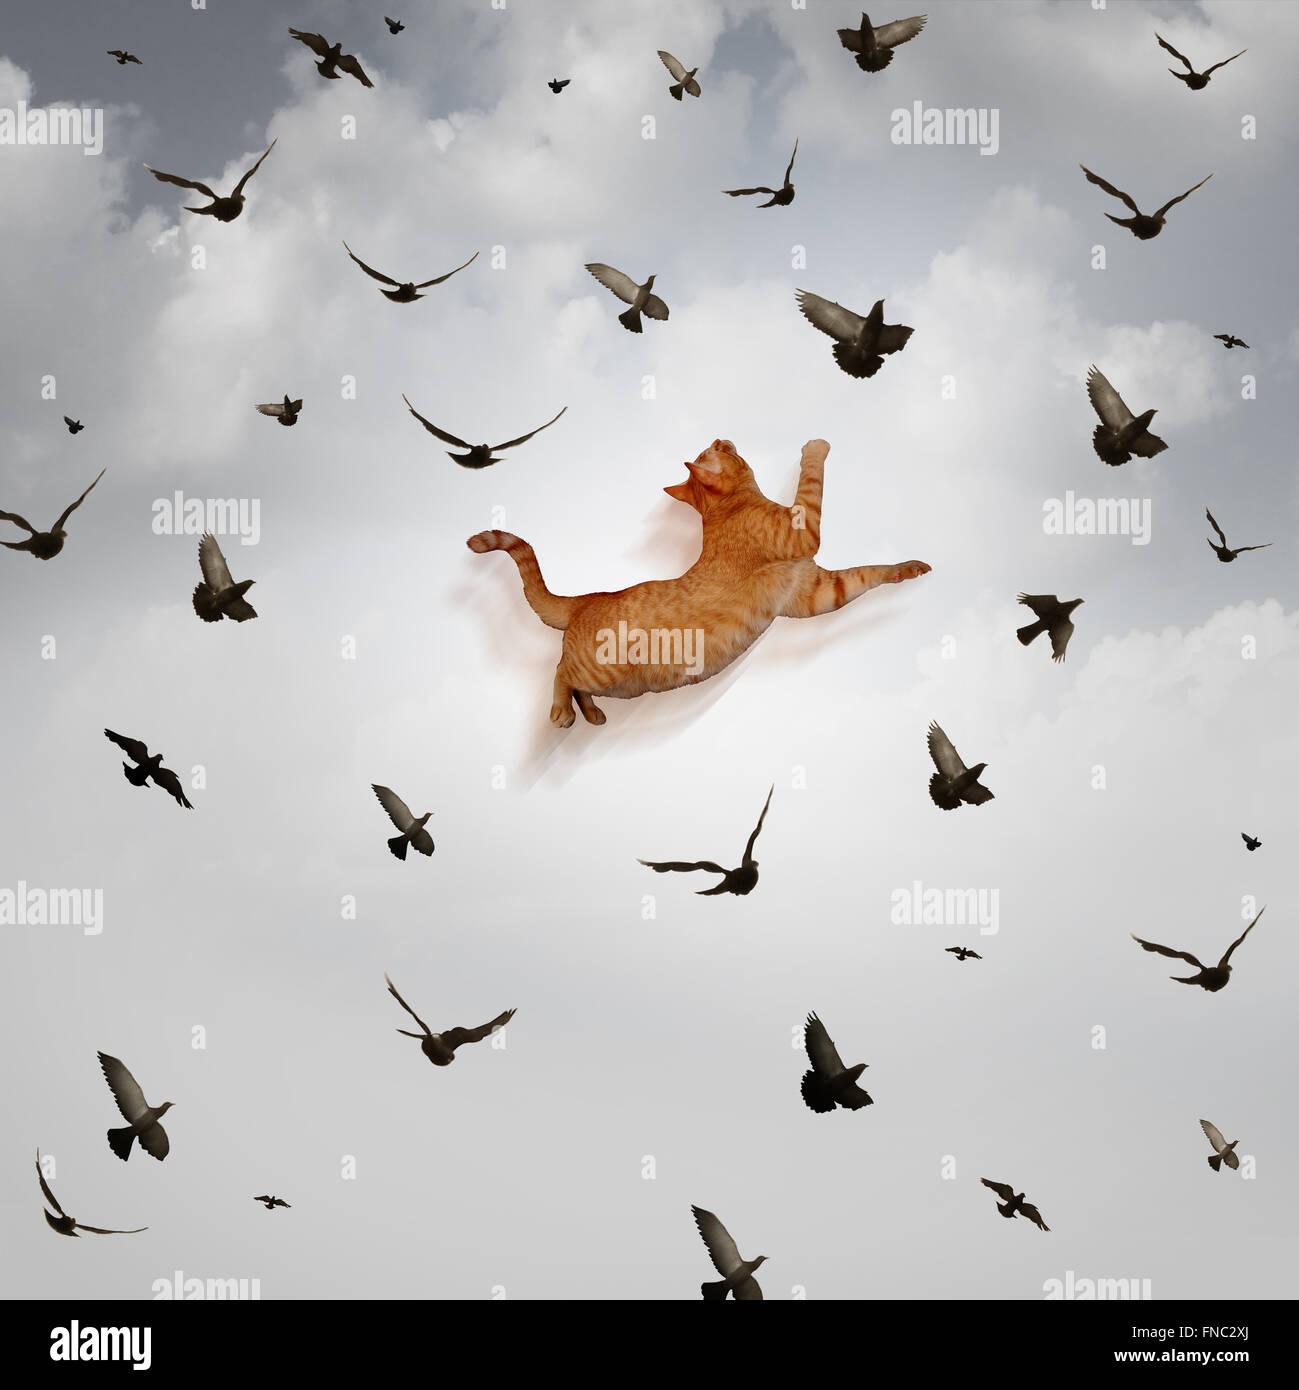 Saisir l'occasion comme un saut de chat saut en hauteur dans le ciel pour attraper les oiseaux en plein vol Photo Stock